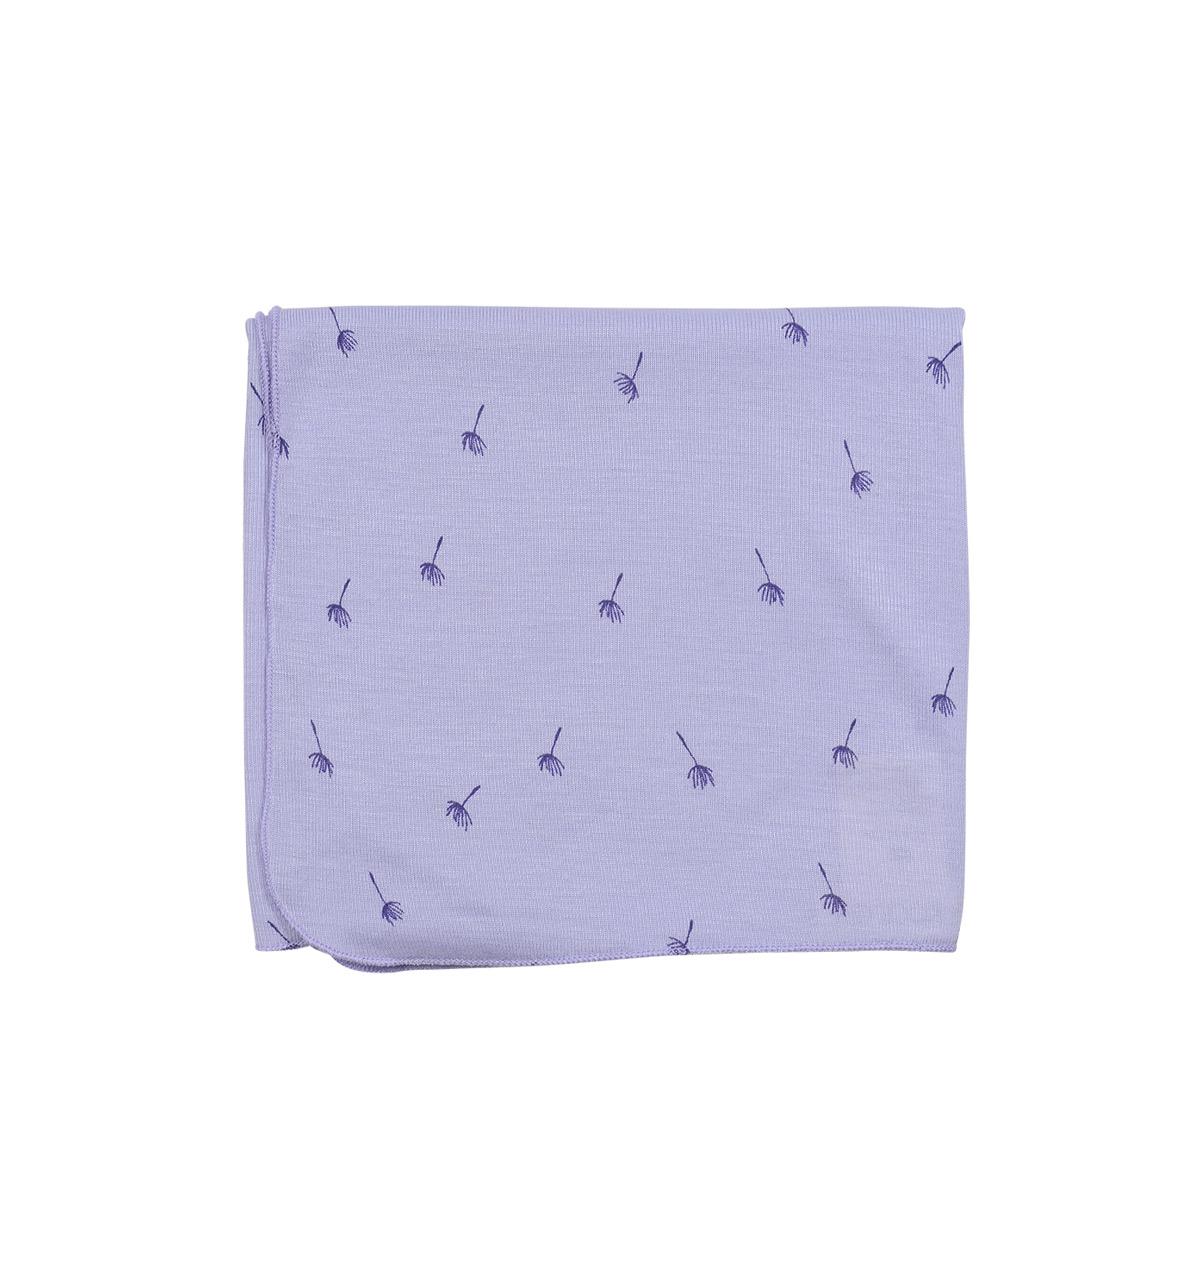 Koalav - Dandelion Desenli Battaniye